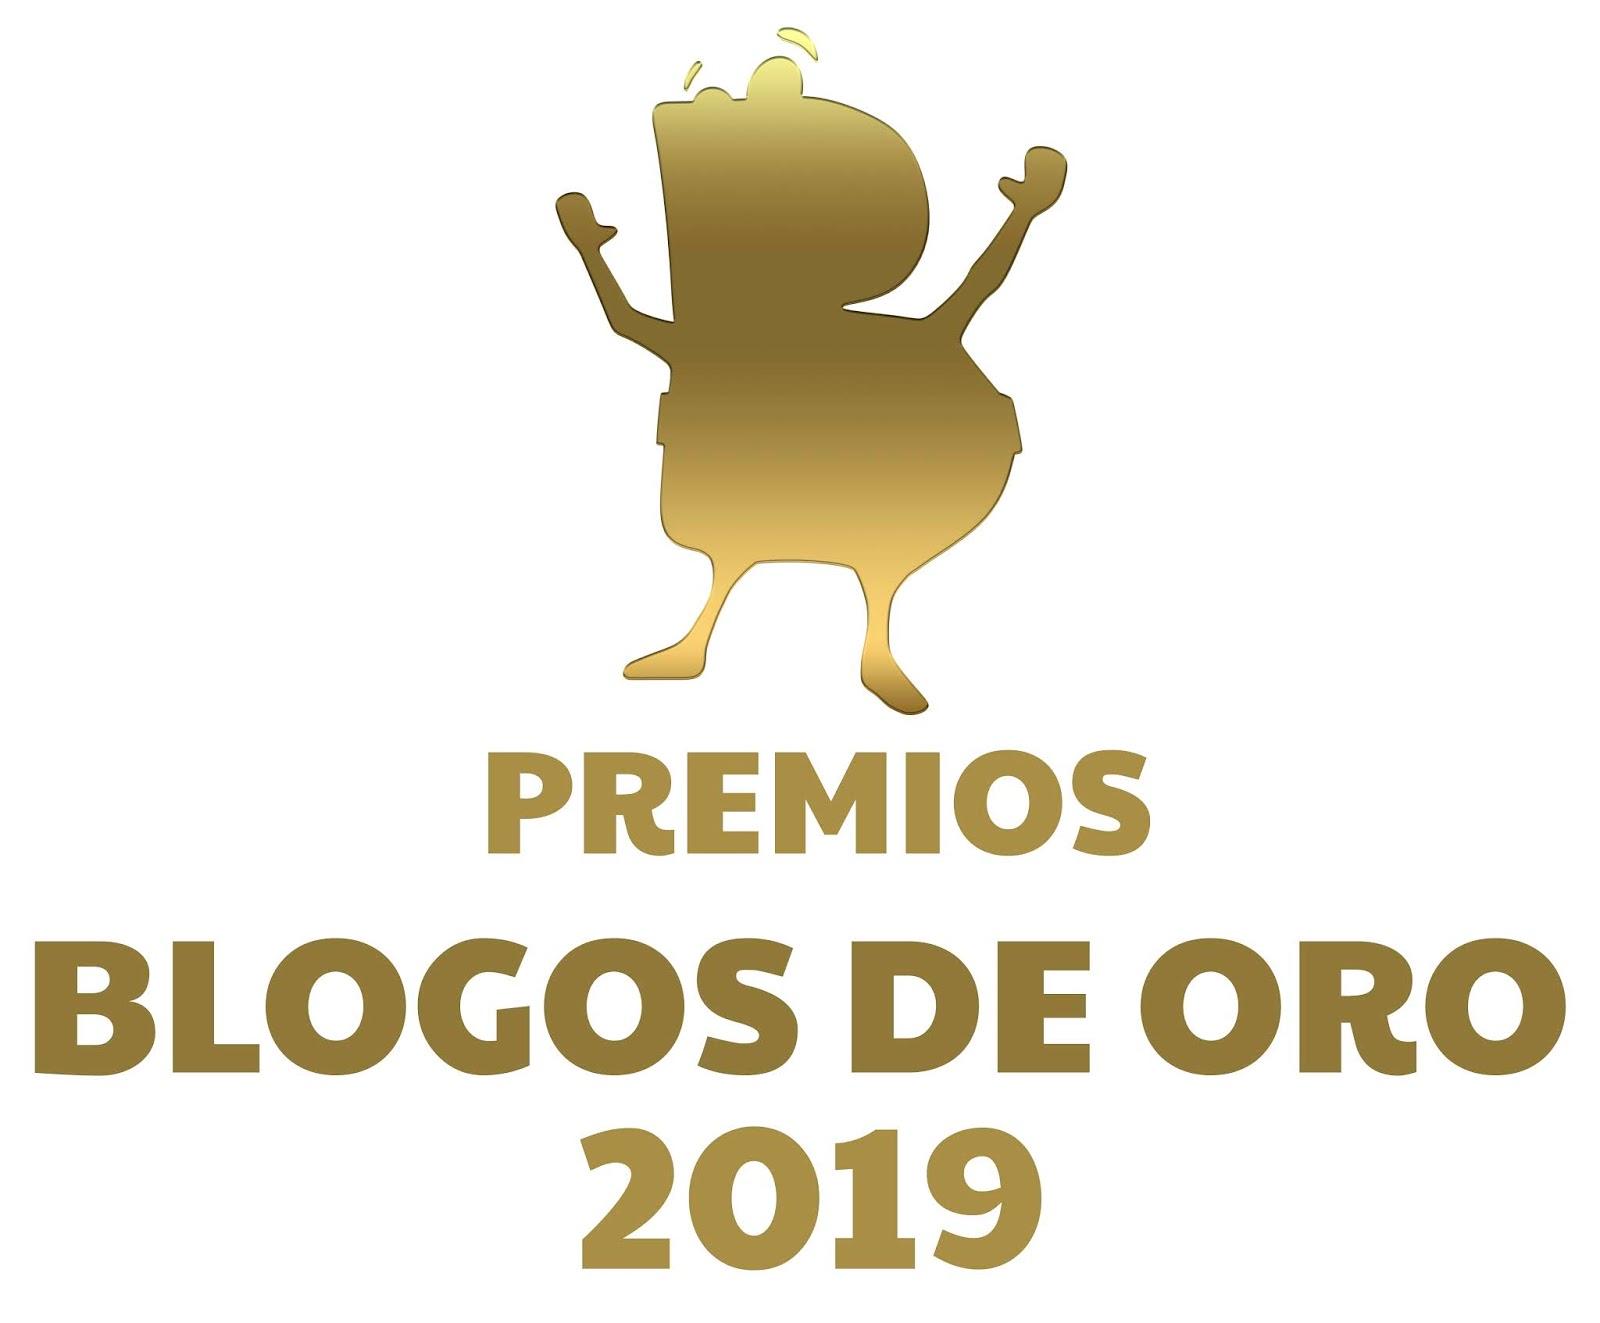 Cartel promocional de la gala de los Blogos de Oro 2019 | VI Edición Premios Blogos de Oro